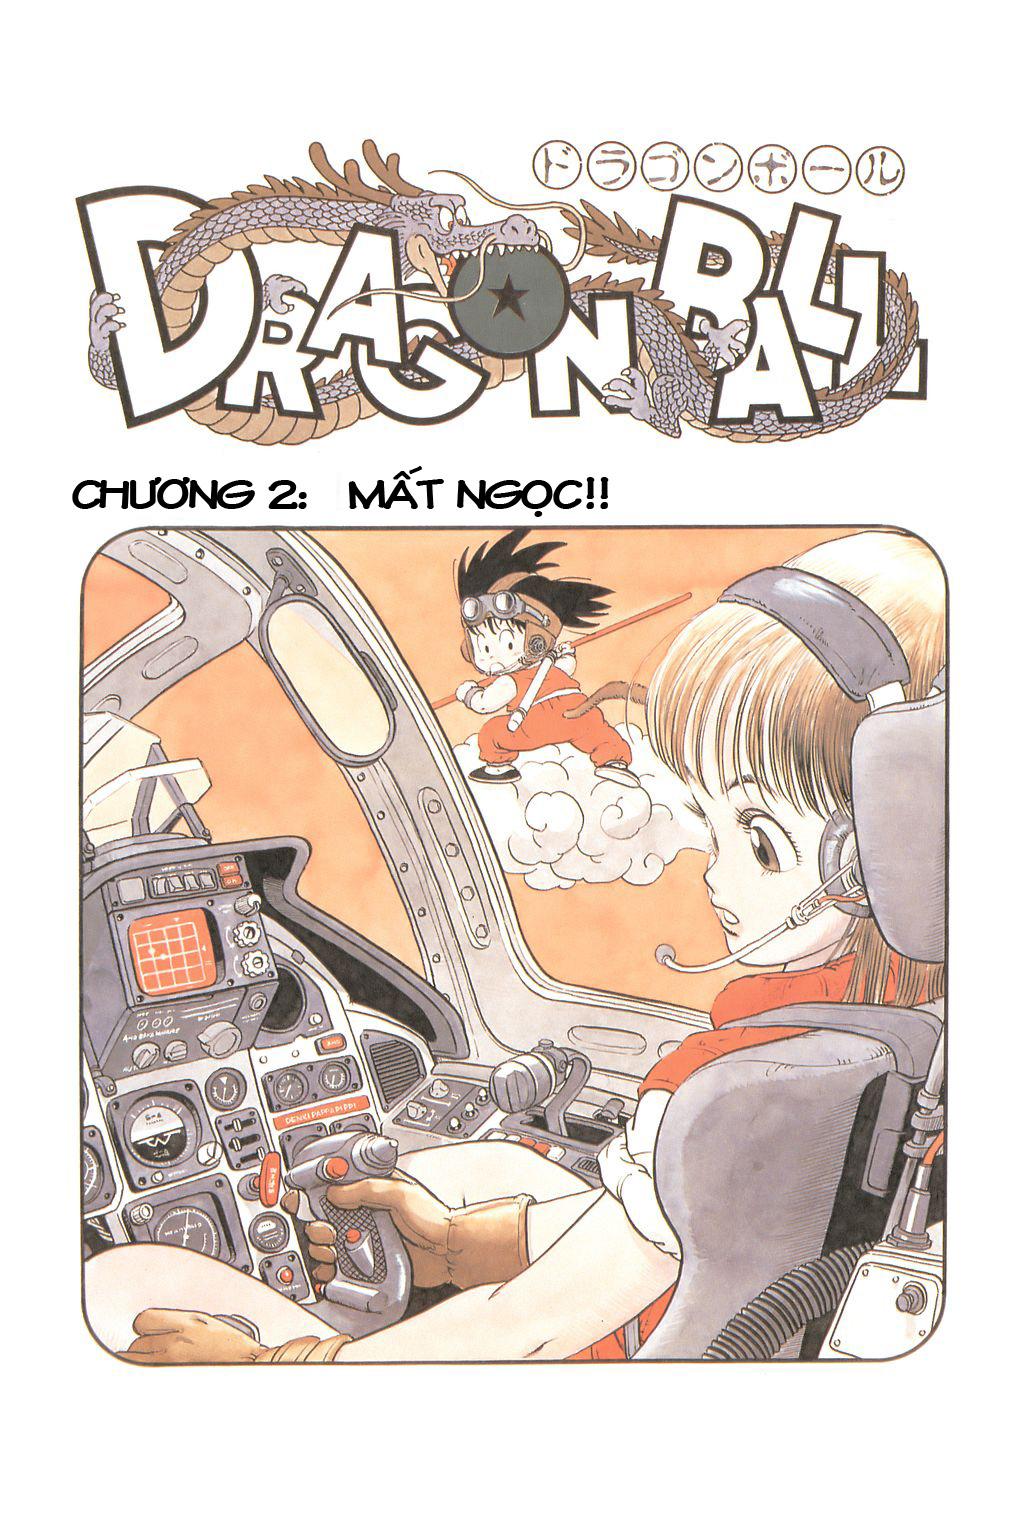 xem truyen moi - Dragon Ball Bản Vip - Bản Đẹp Nguyên Gốc Chap 2